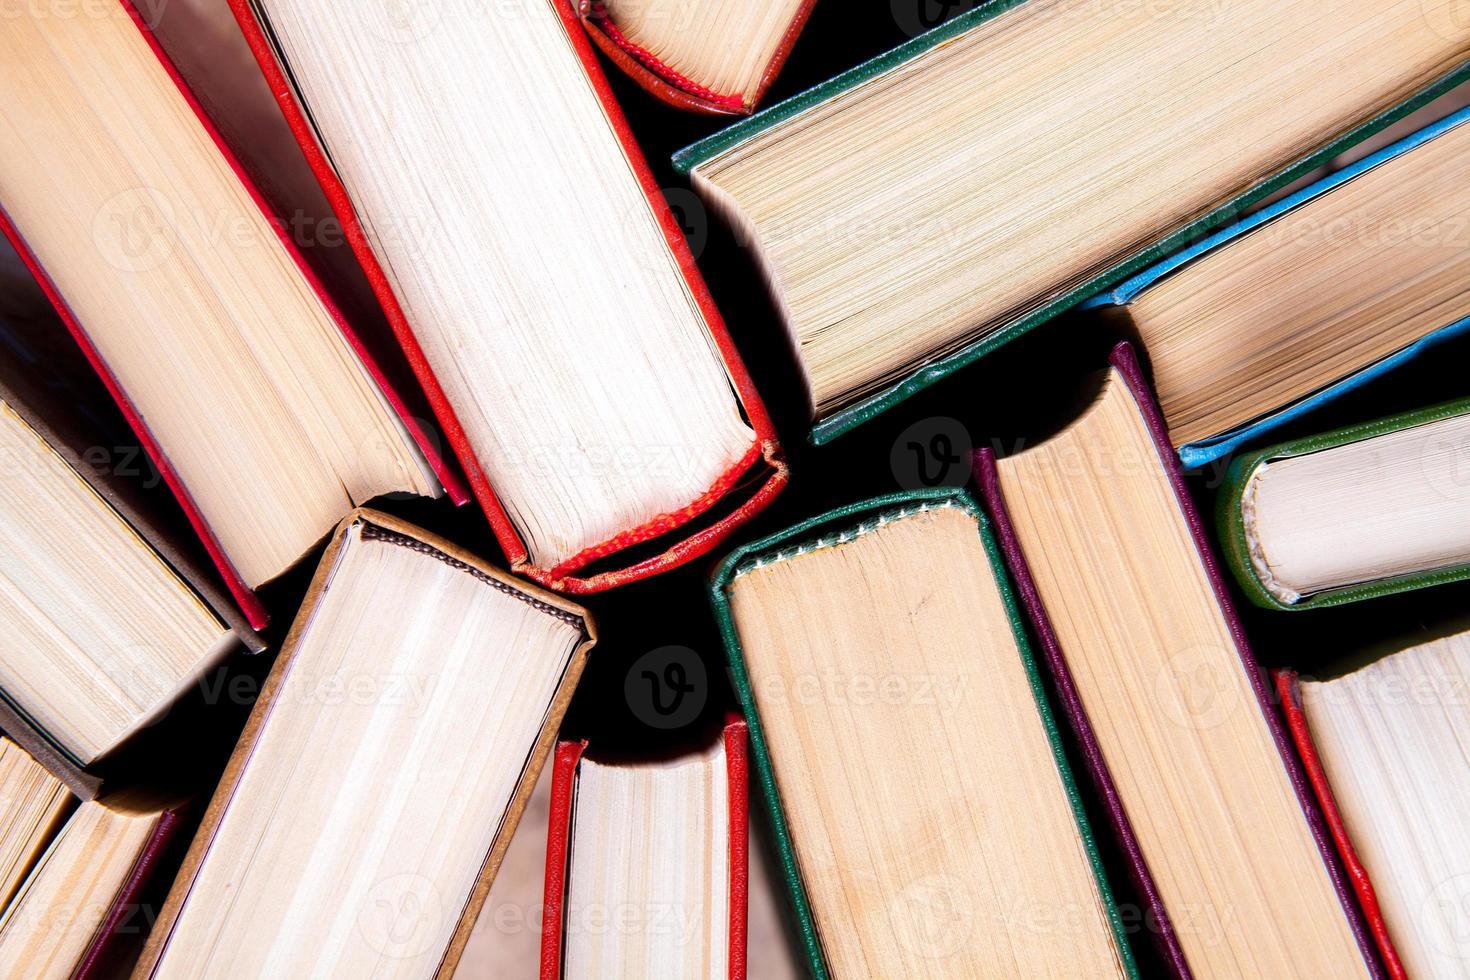 livres cartonnés anciens et d'occasion photo